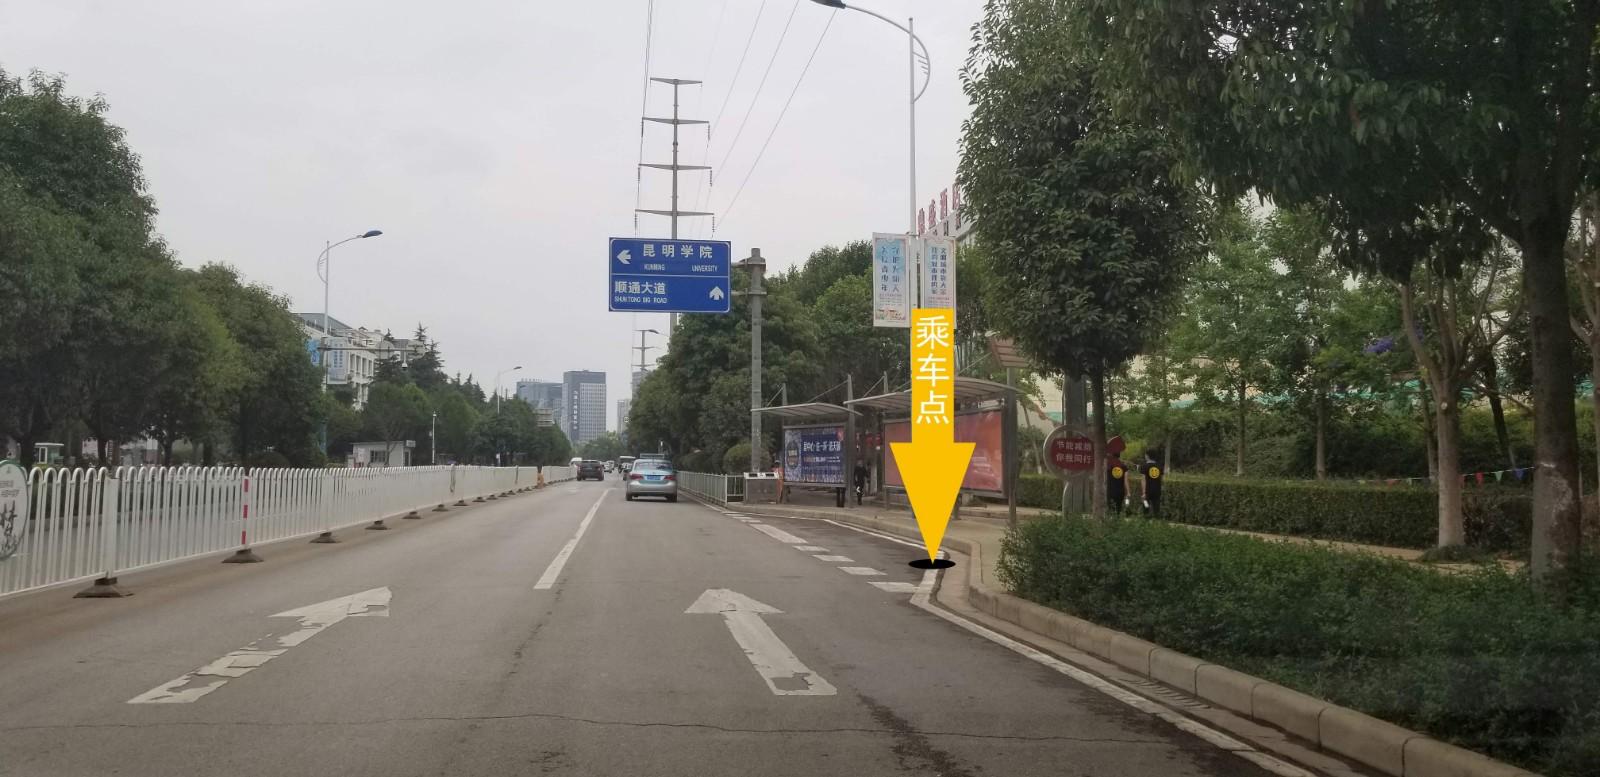 1南线-昆明学院.jpg